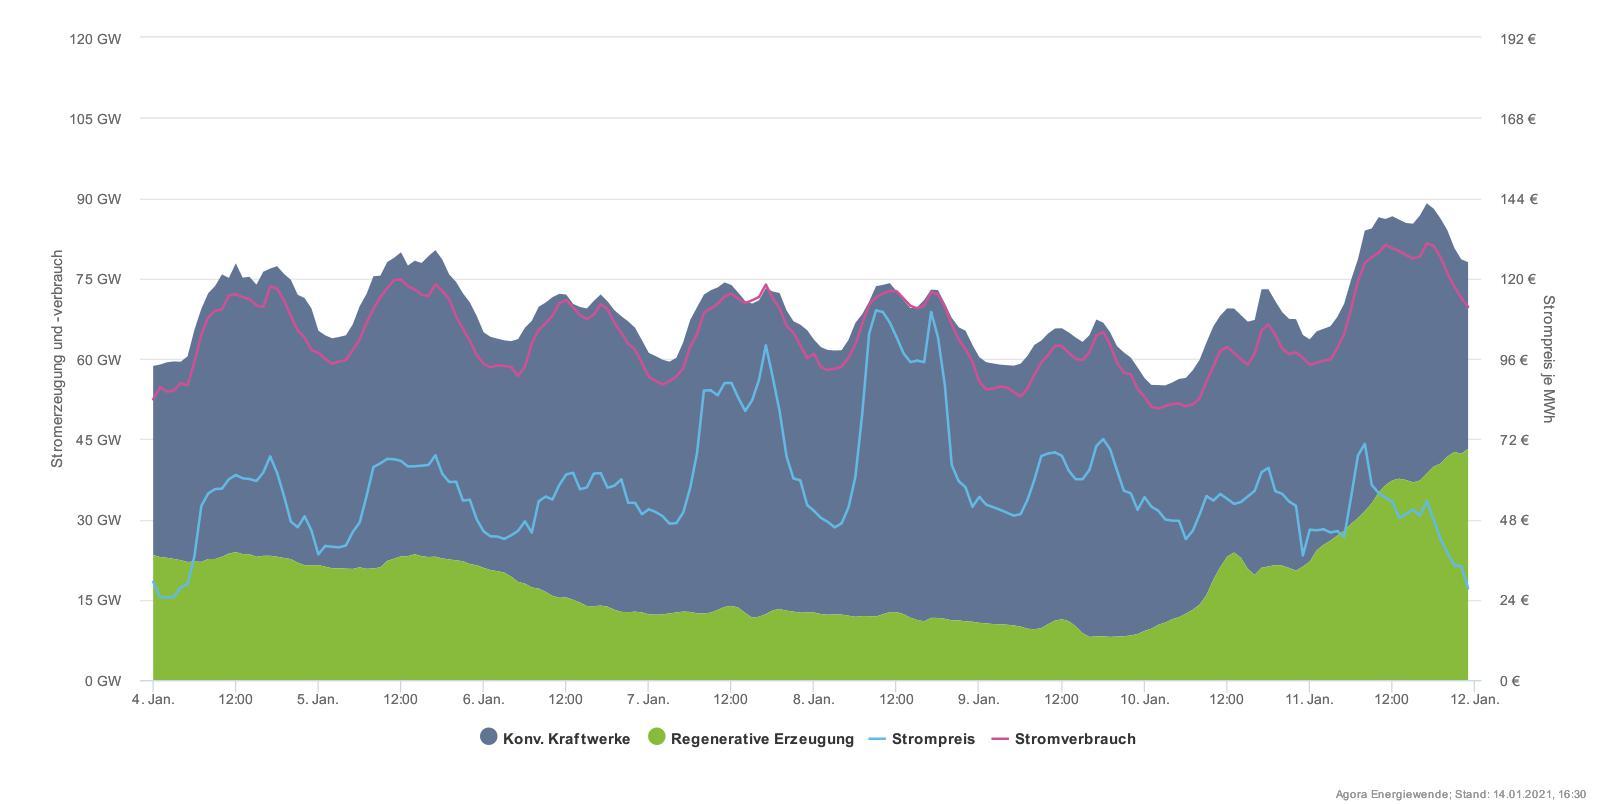 Německo má instalovaných 60 GW výkonu ve větrných zdrojích, a přesto může vypadat prosinec, jak je zobrazen na tomto grafu. Poměrně dost dnů jsou dodávky zvětru téměř nula a výkon obnovitelných zdrojů zajišťuje pouze spalování biomasy a vodní zdroje. Obnovitelné zdroje jsou zeleně, klasické šedě. Fialová linie je německá spotřeba a světle modrá cena elektřiny vdaný moment (Zdroj Agora-Energiewende)